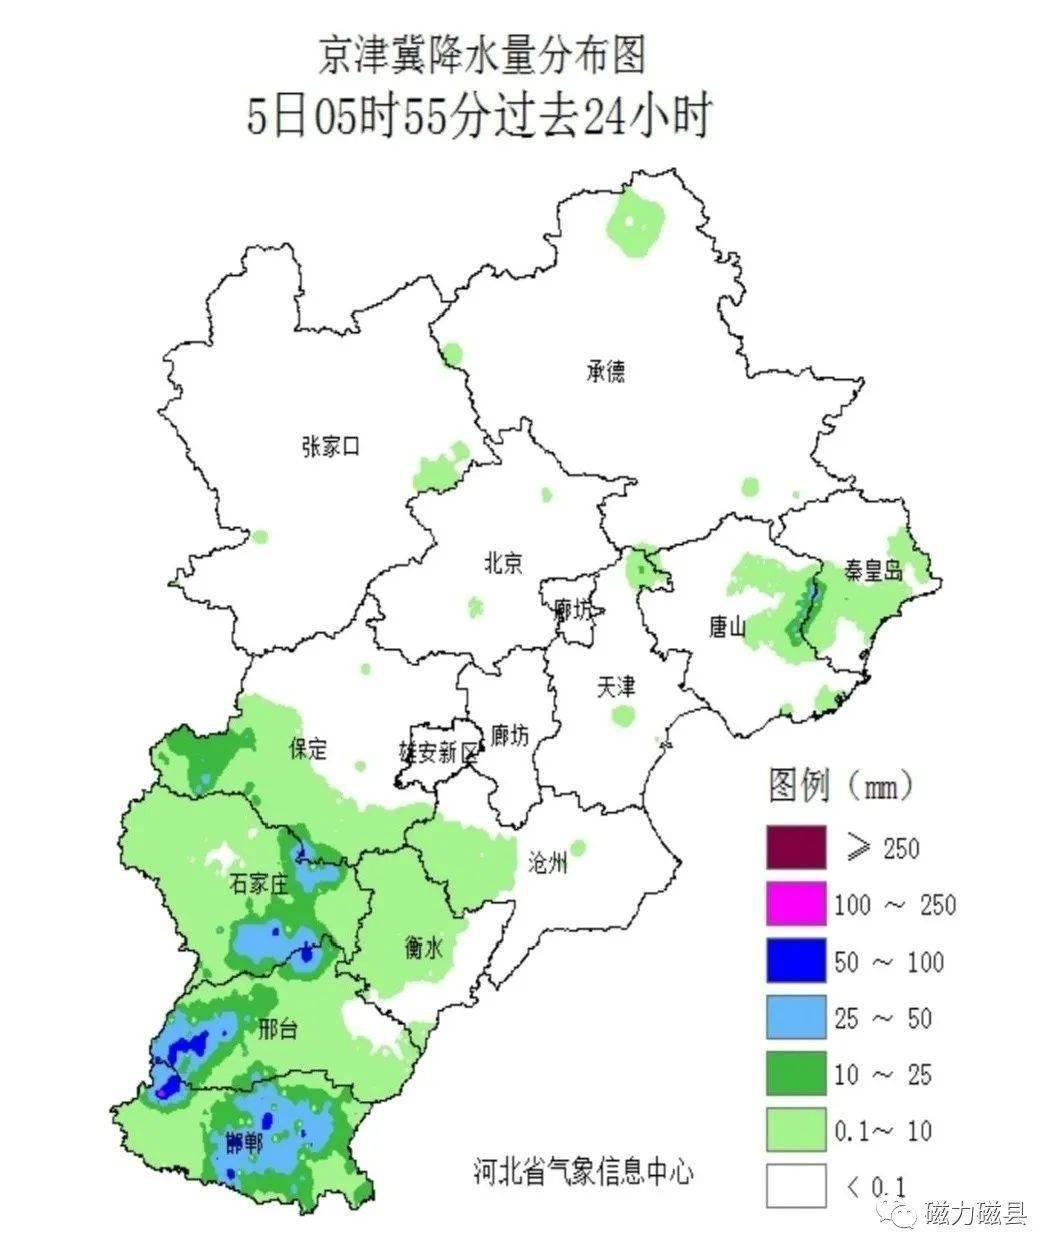 磁县人口_邯郸人眼中的各县是啥样的 笑爆了